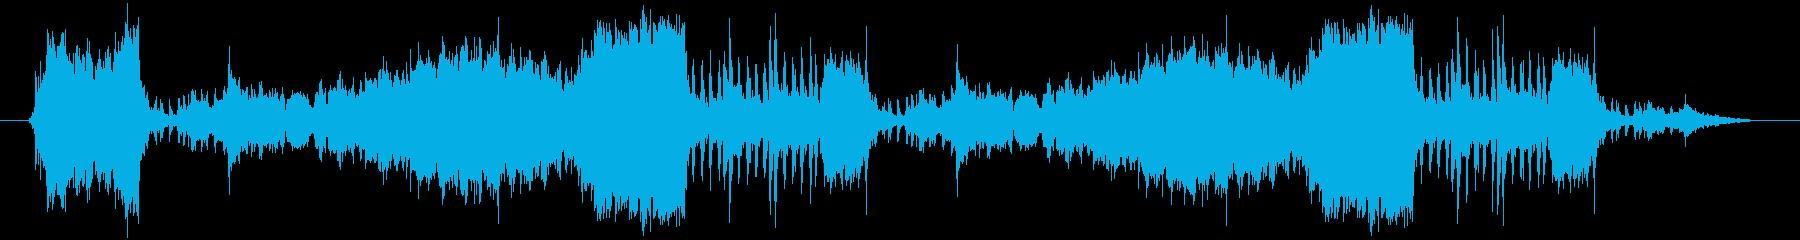 緊張感のあるオーケストラの再生済みの波形